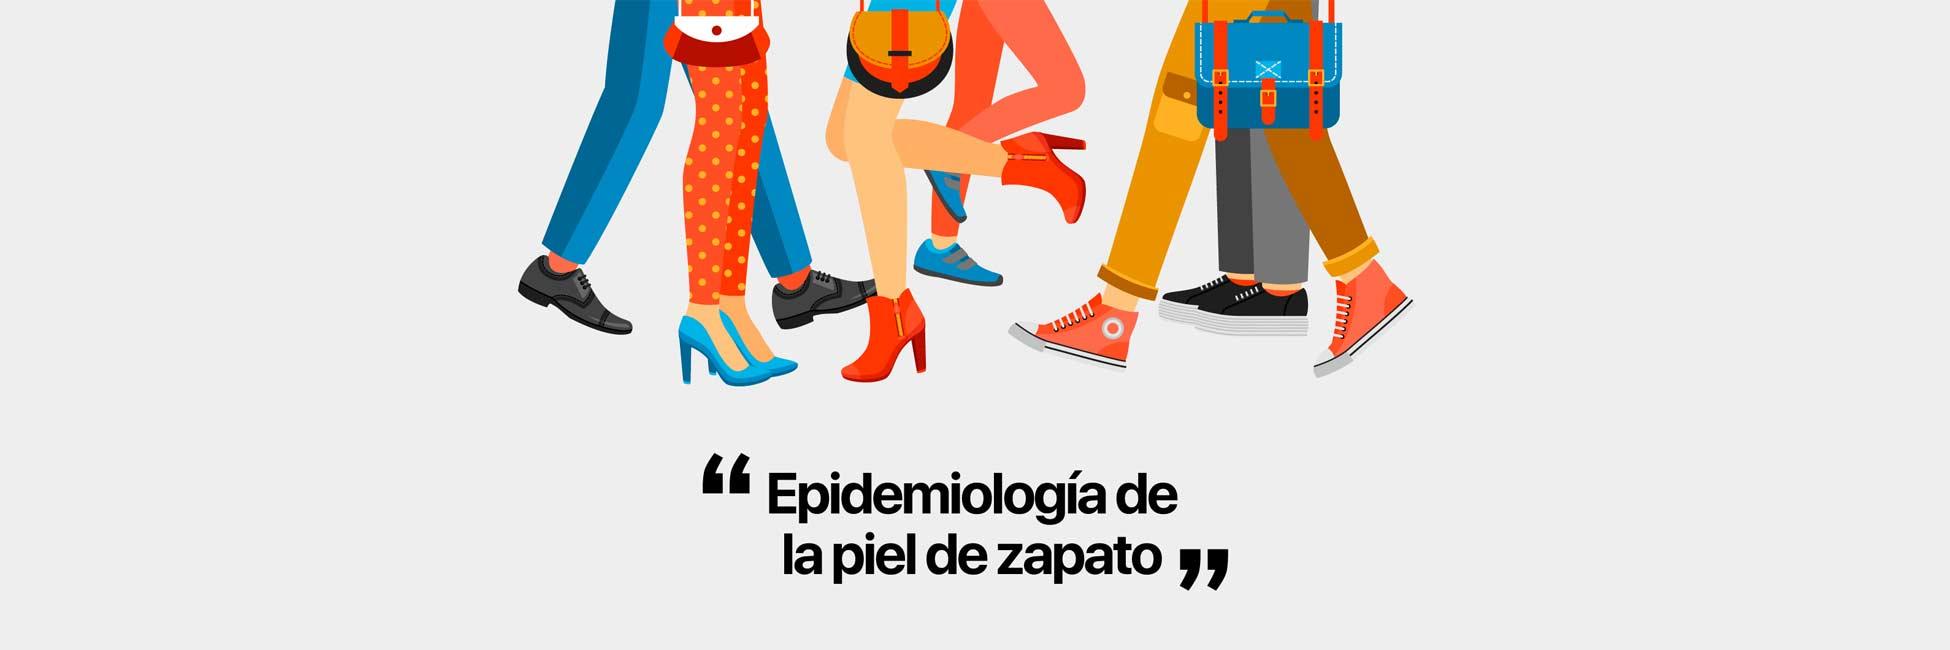 epidemología de la piel de zapato